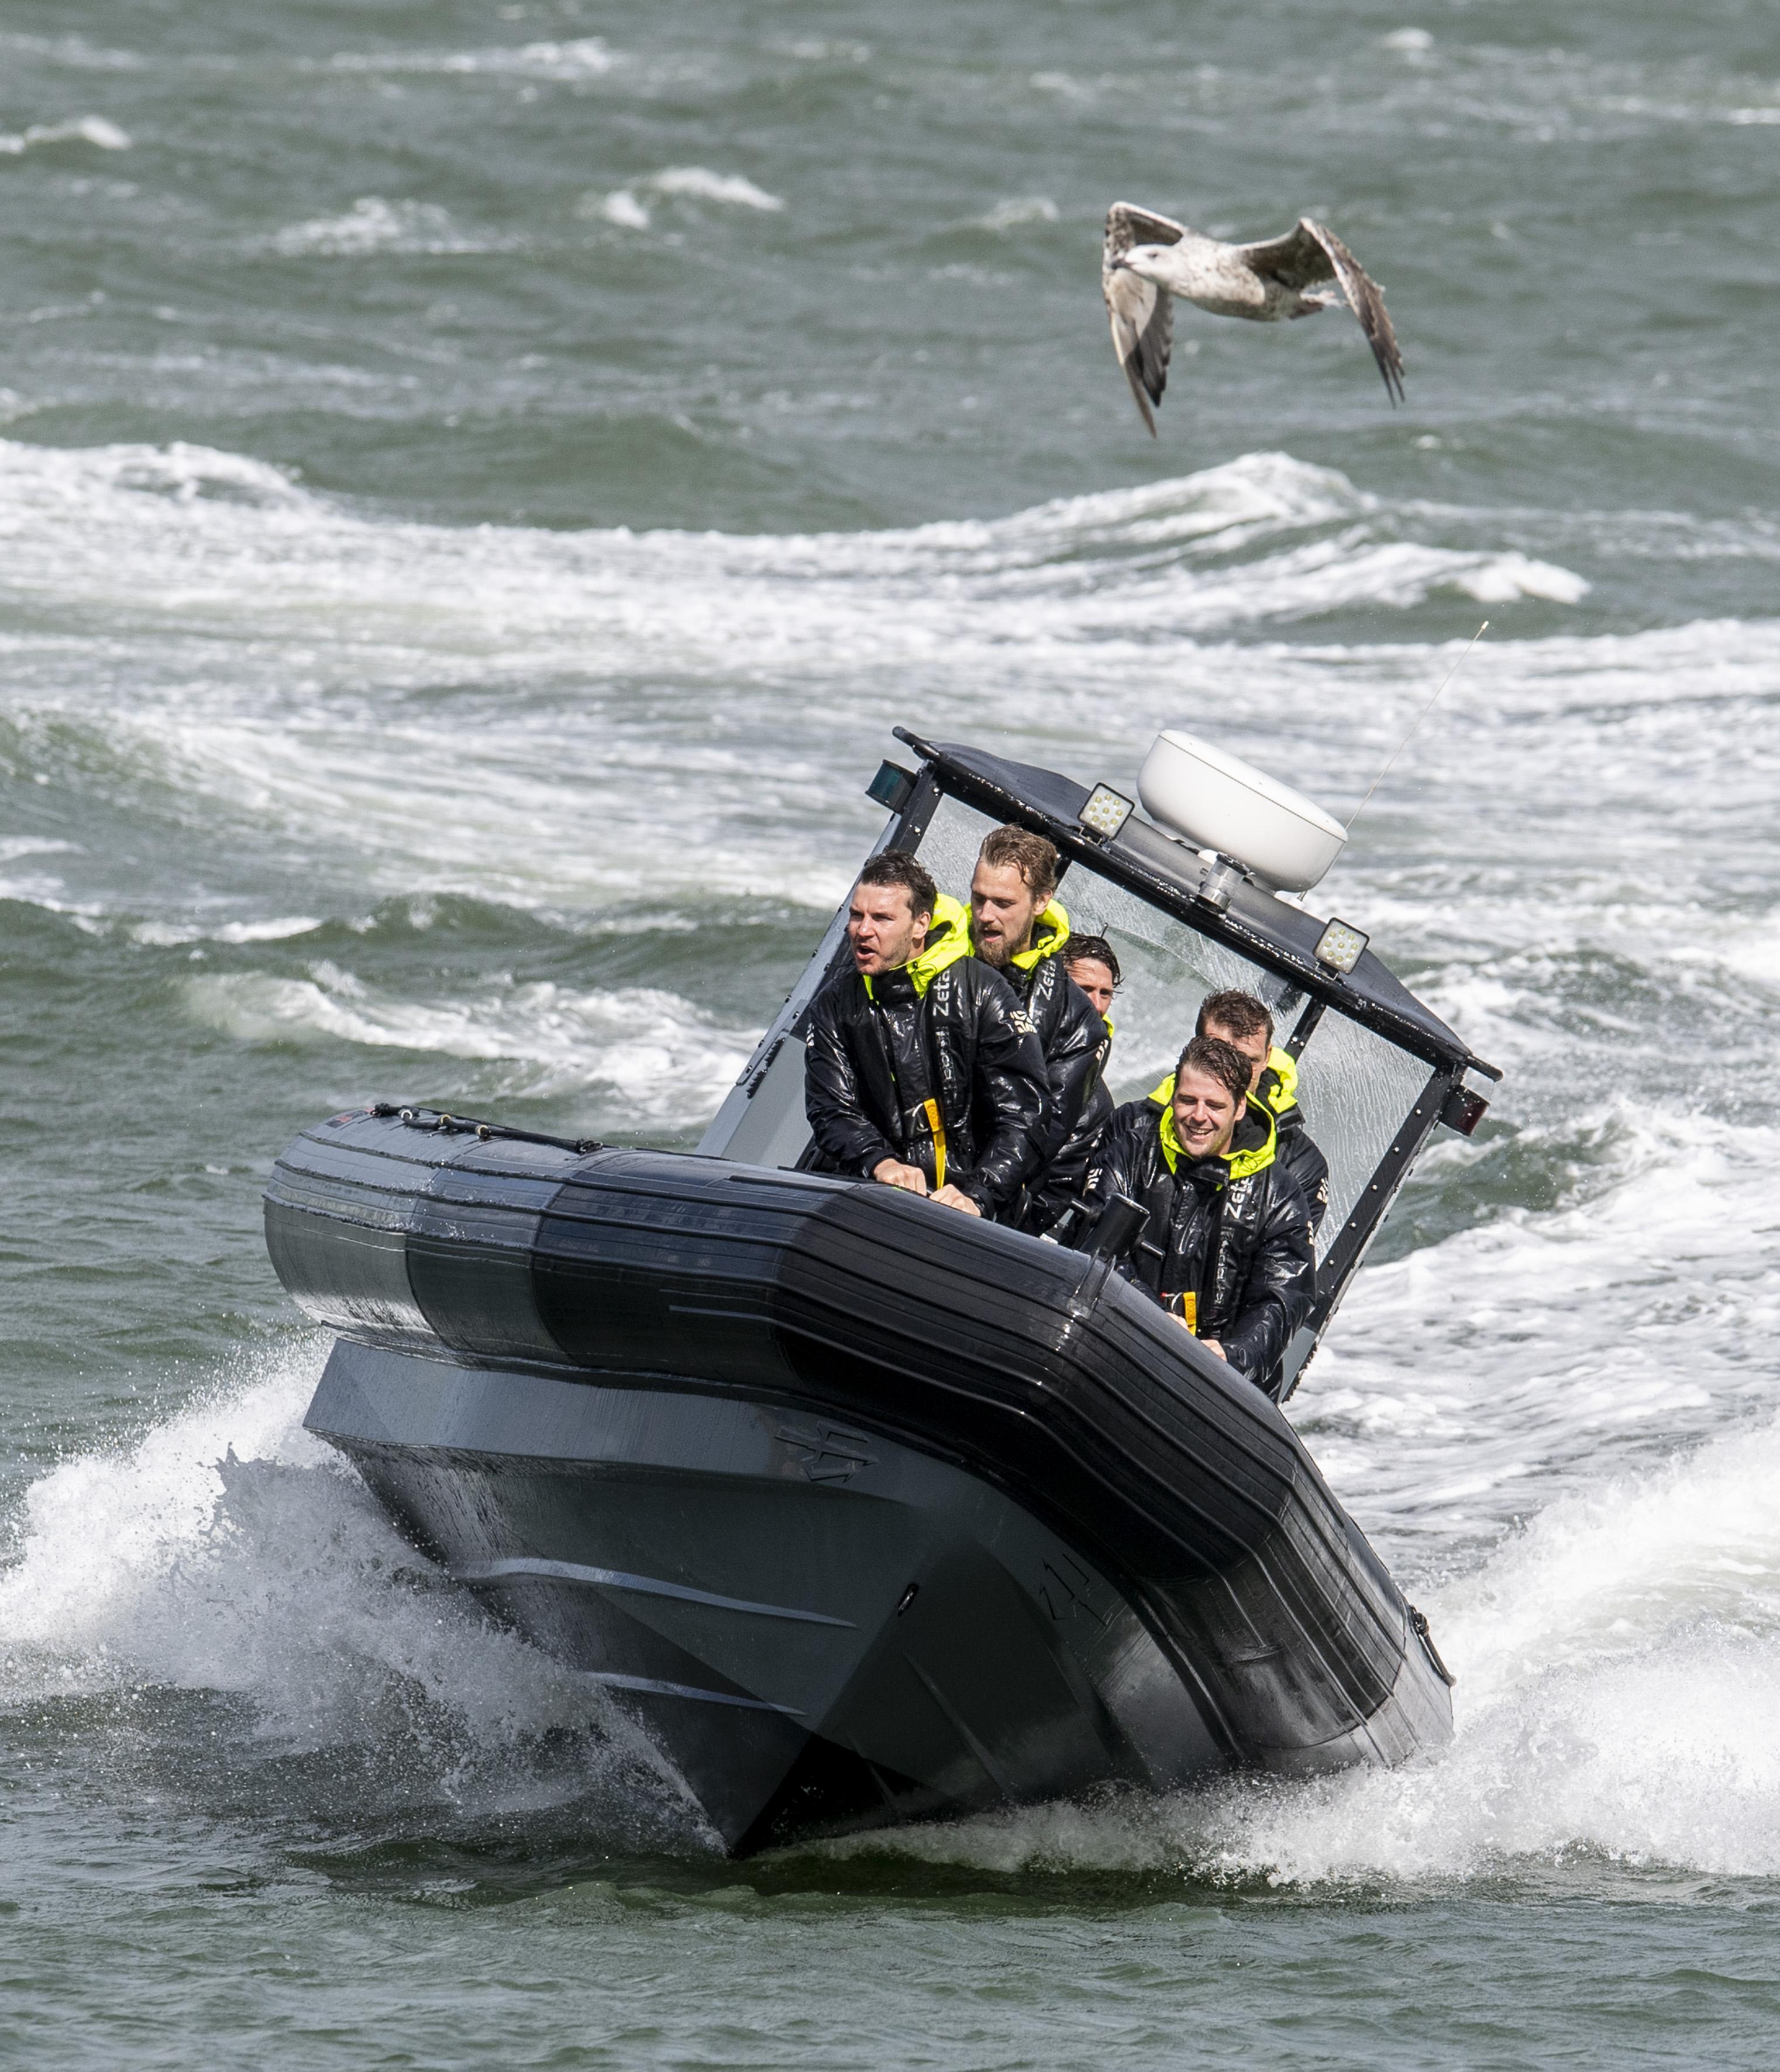 Ribvaren op zee met 78 kilometer per uur: bij het IJmuidense Eventmaker kan het. 'Laat je sleutels, telefoons en portemonnee maar achter' [video]